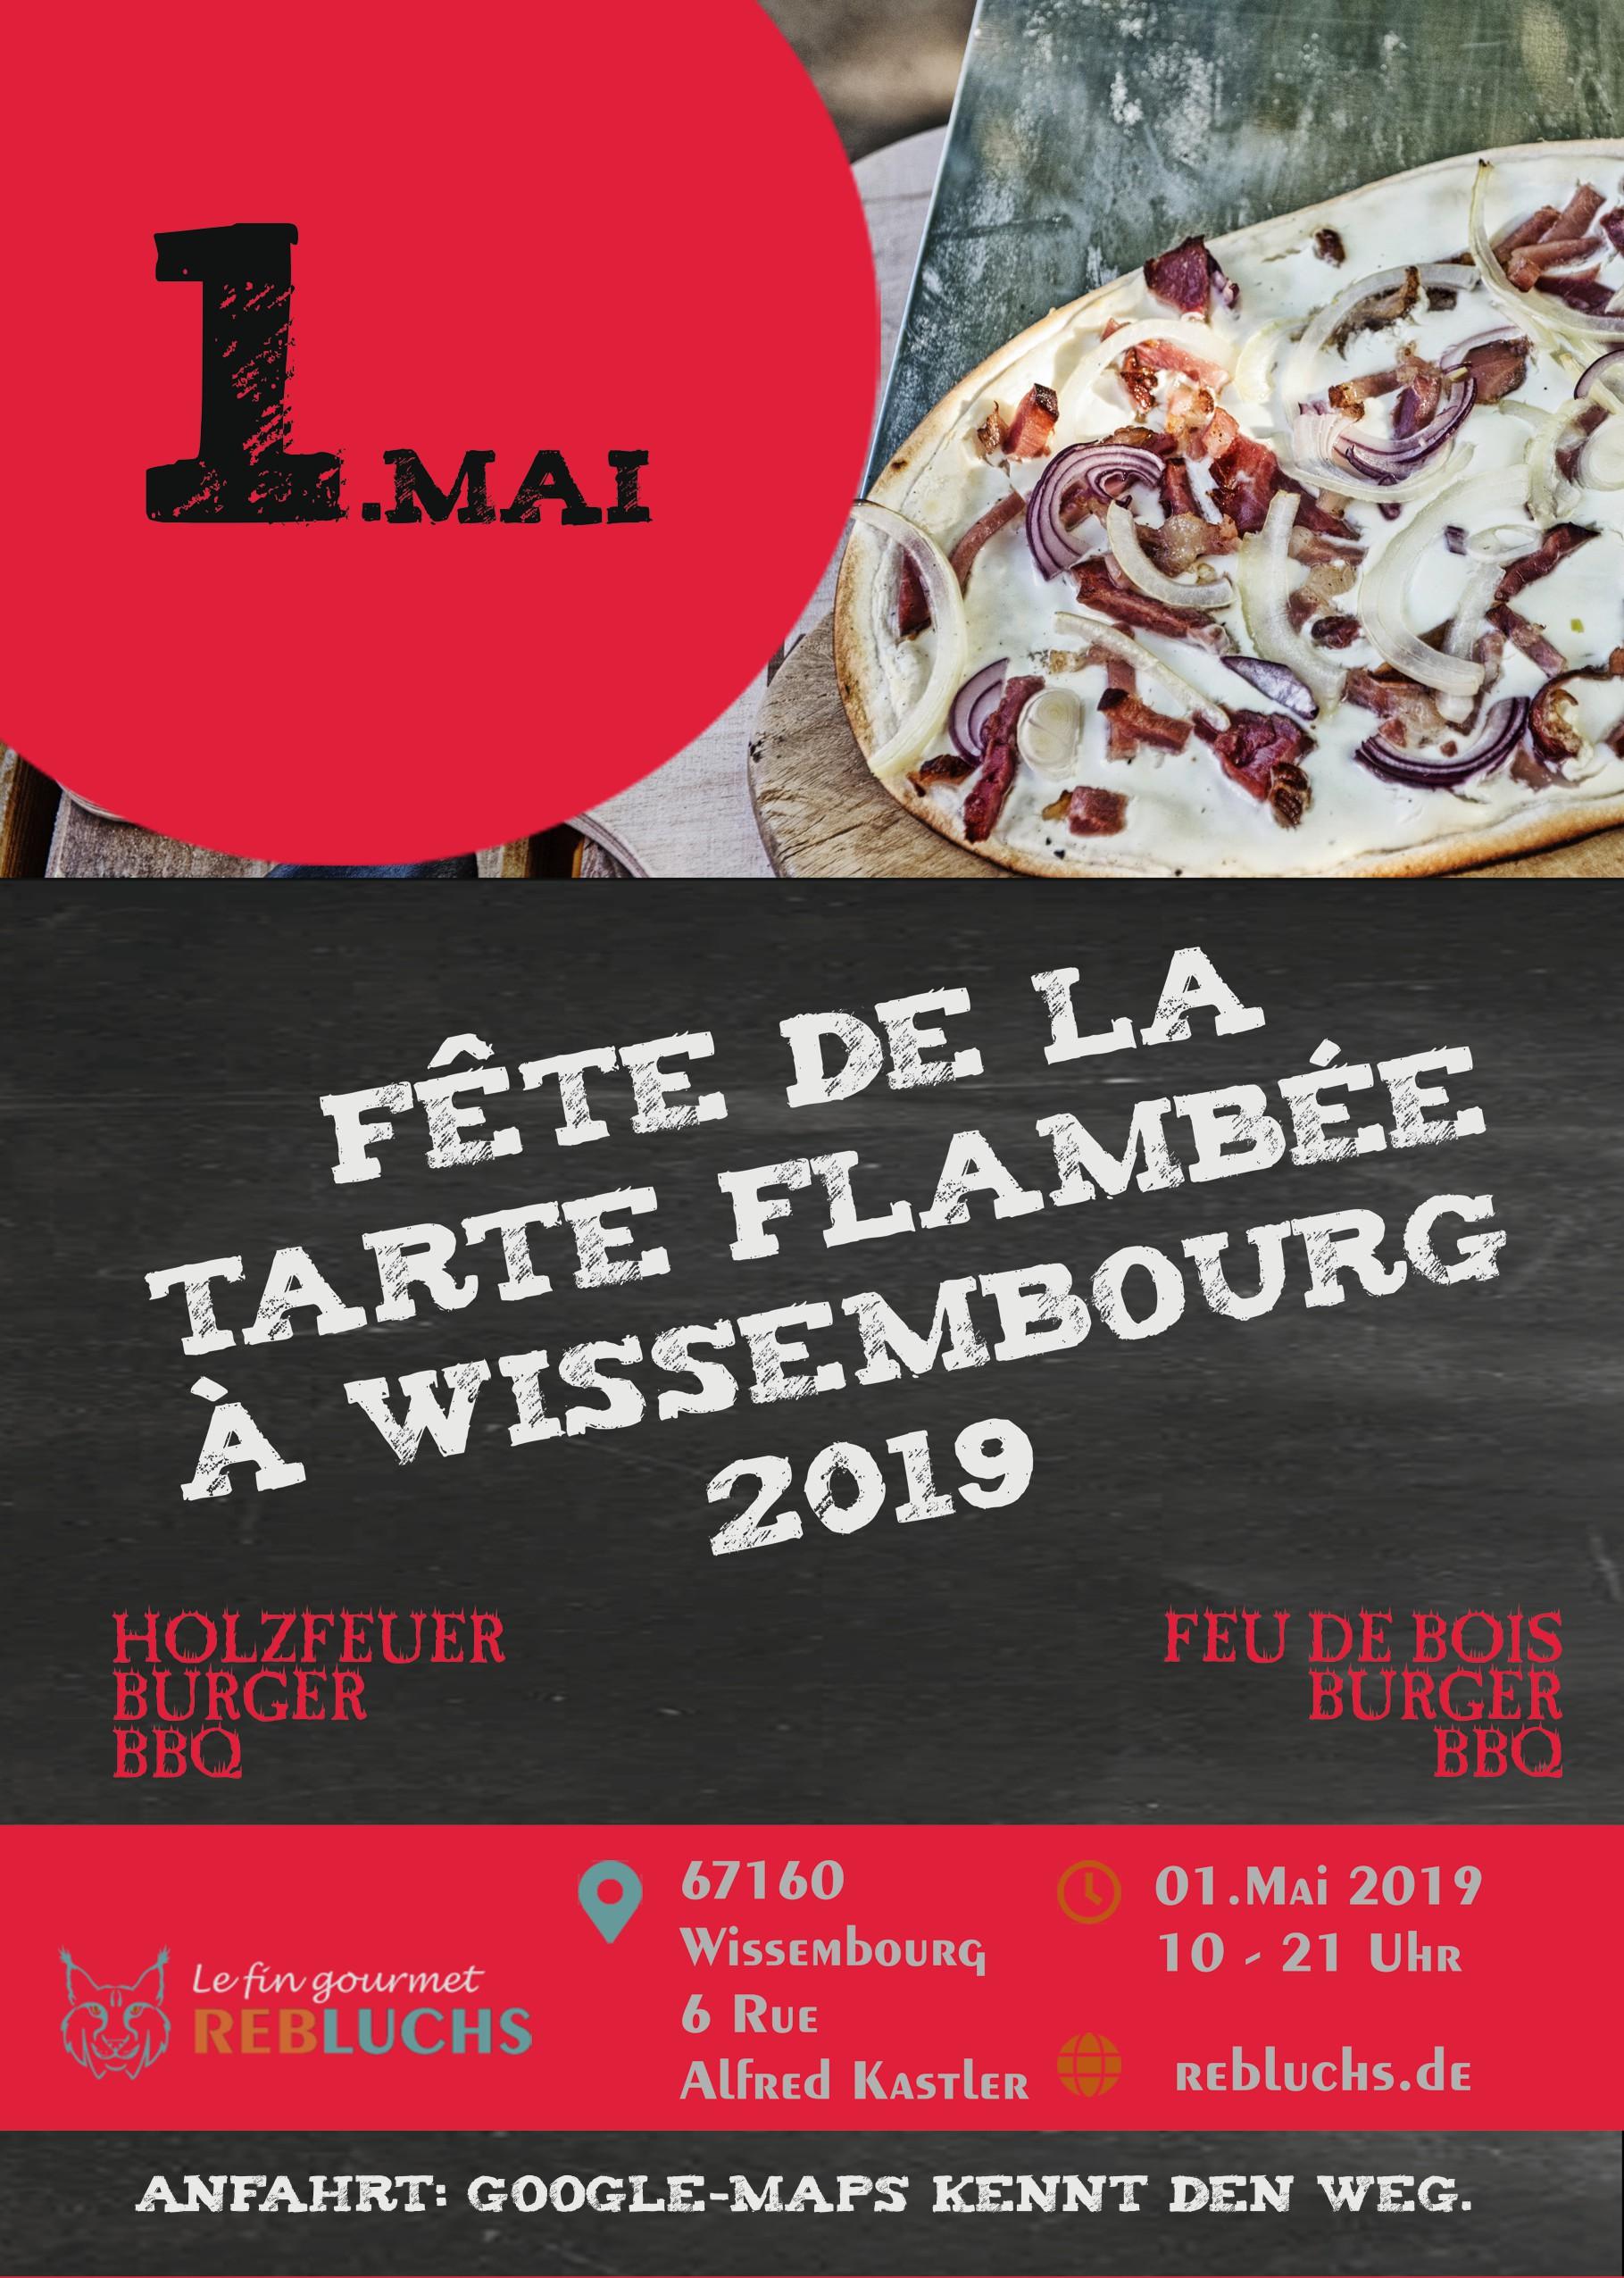 Fête de la tarte flambée à Wissembourg 2019